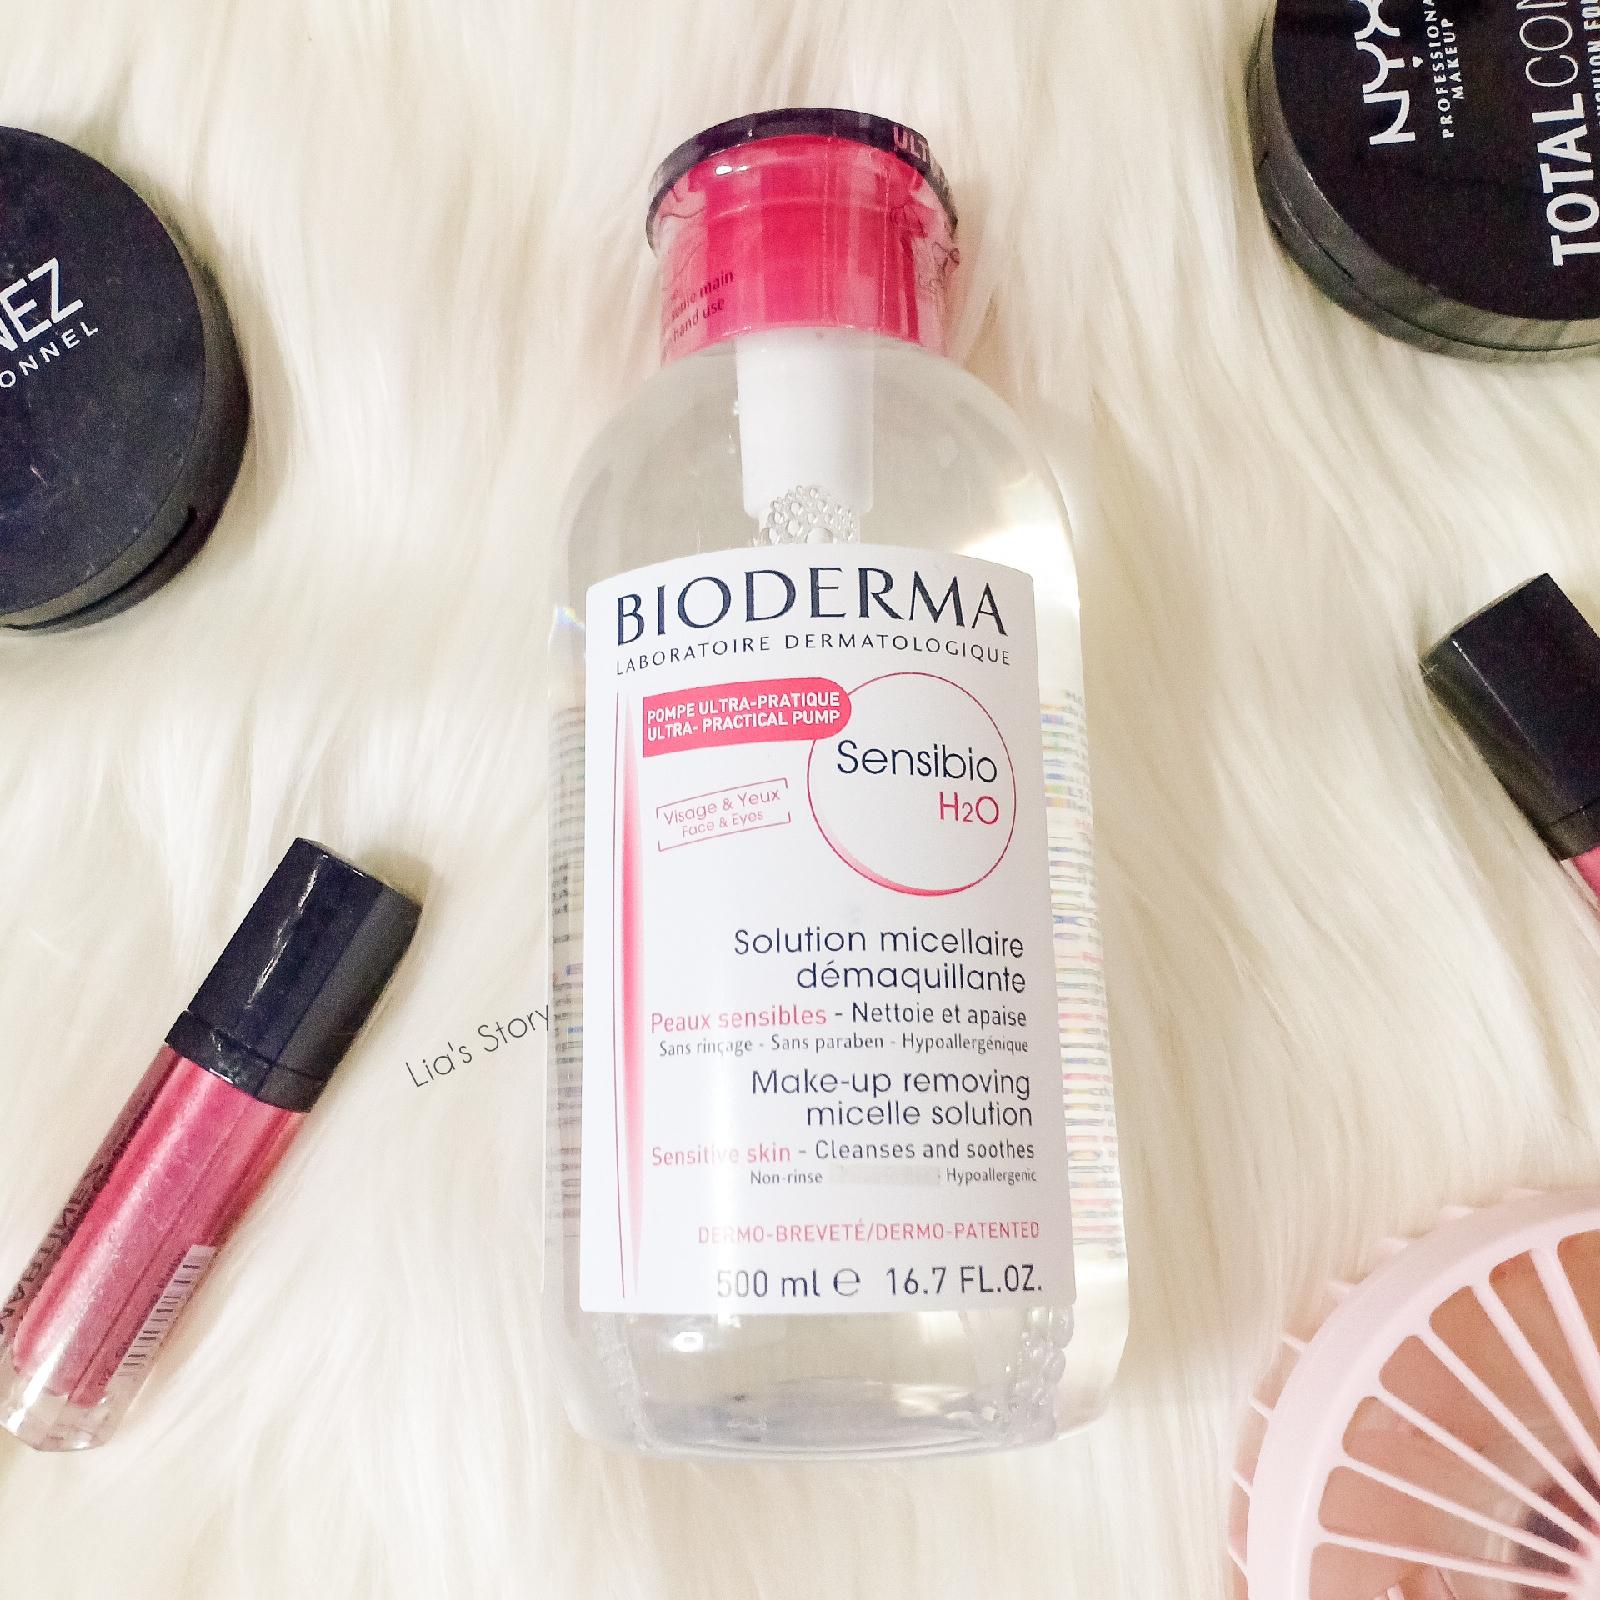 bioderma-sensibio-h2o